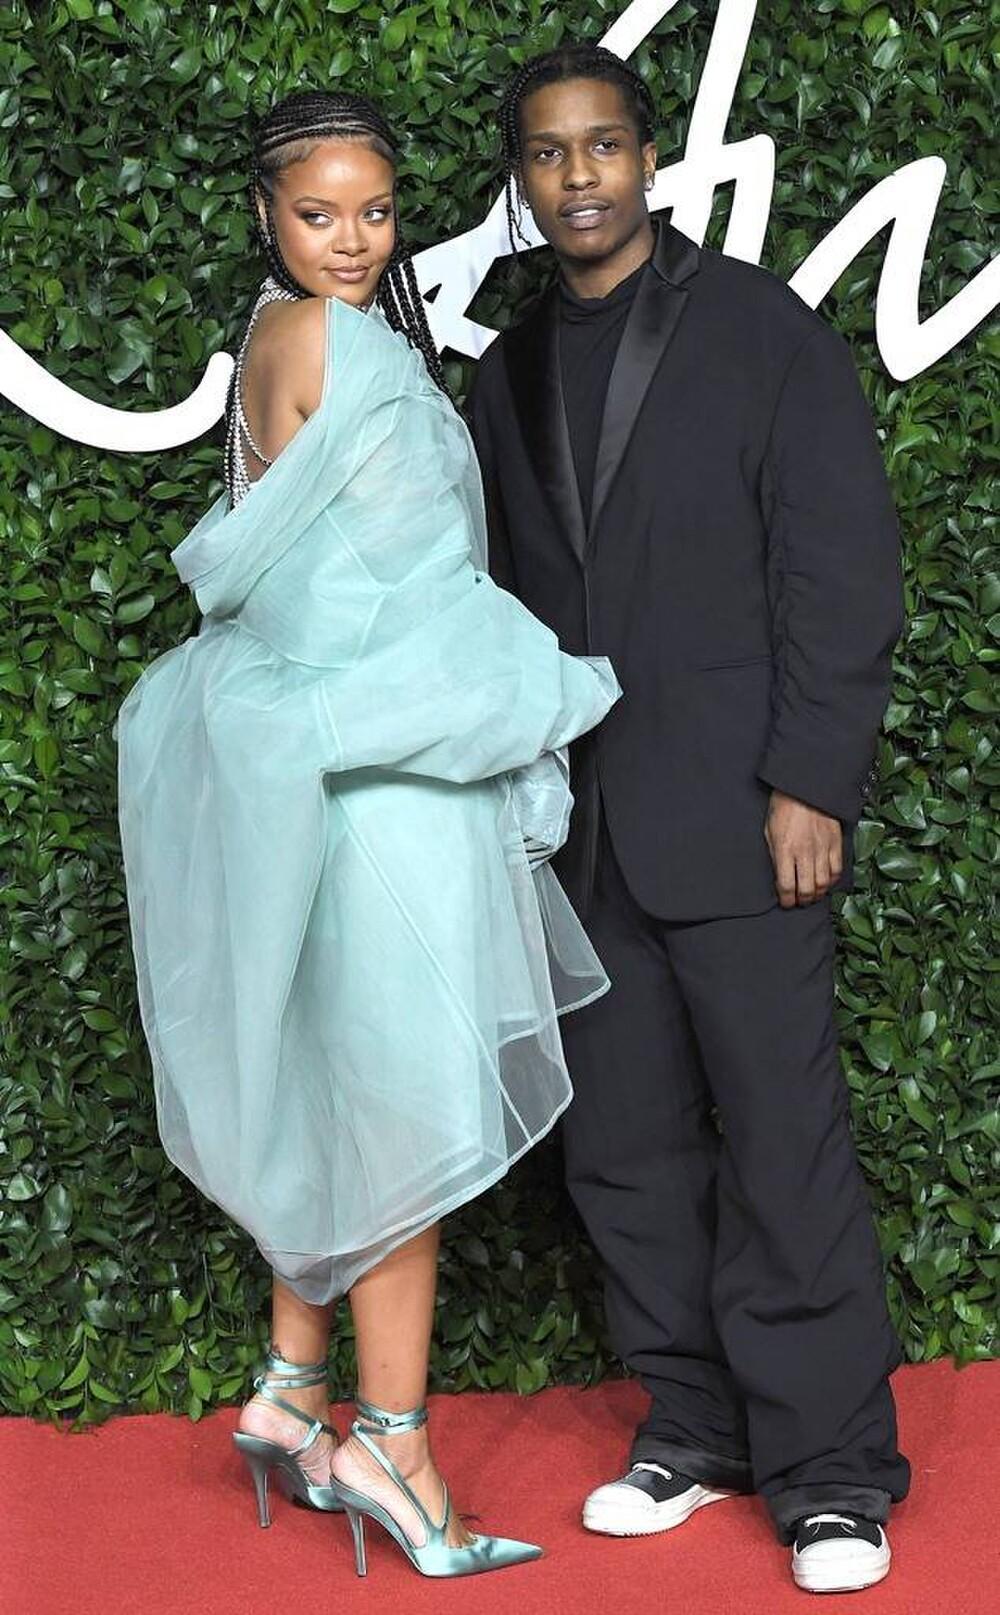 Rihanna và A$AP Rocky bị fan nghi ngờ rằng đang cùng nhau nghỉ dưỡng? Ảnh 4